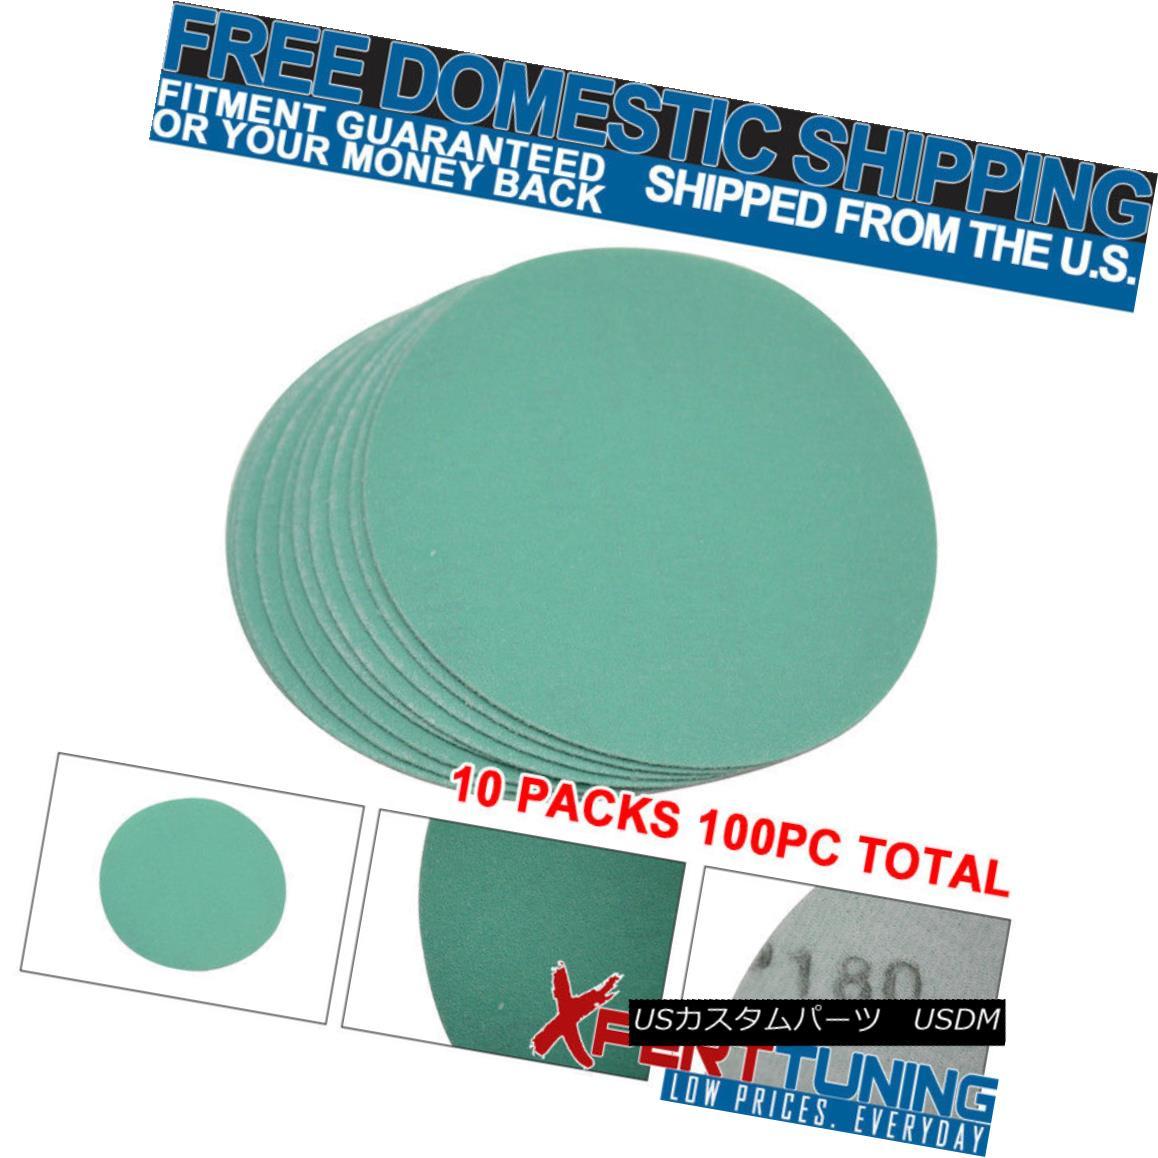 Sand Collision エアロパーツ Wet PCウェットドライボディキット衝突修復サンディングディスクサンドペーパー180グリット5インチ Grit Dry Bodykit Paper 180 Repair x100 Sanding Disc PC x100 Inch 5